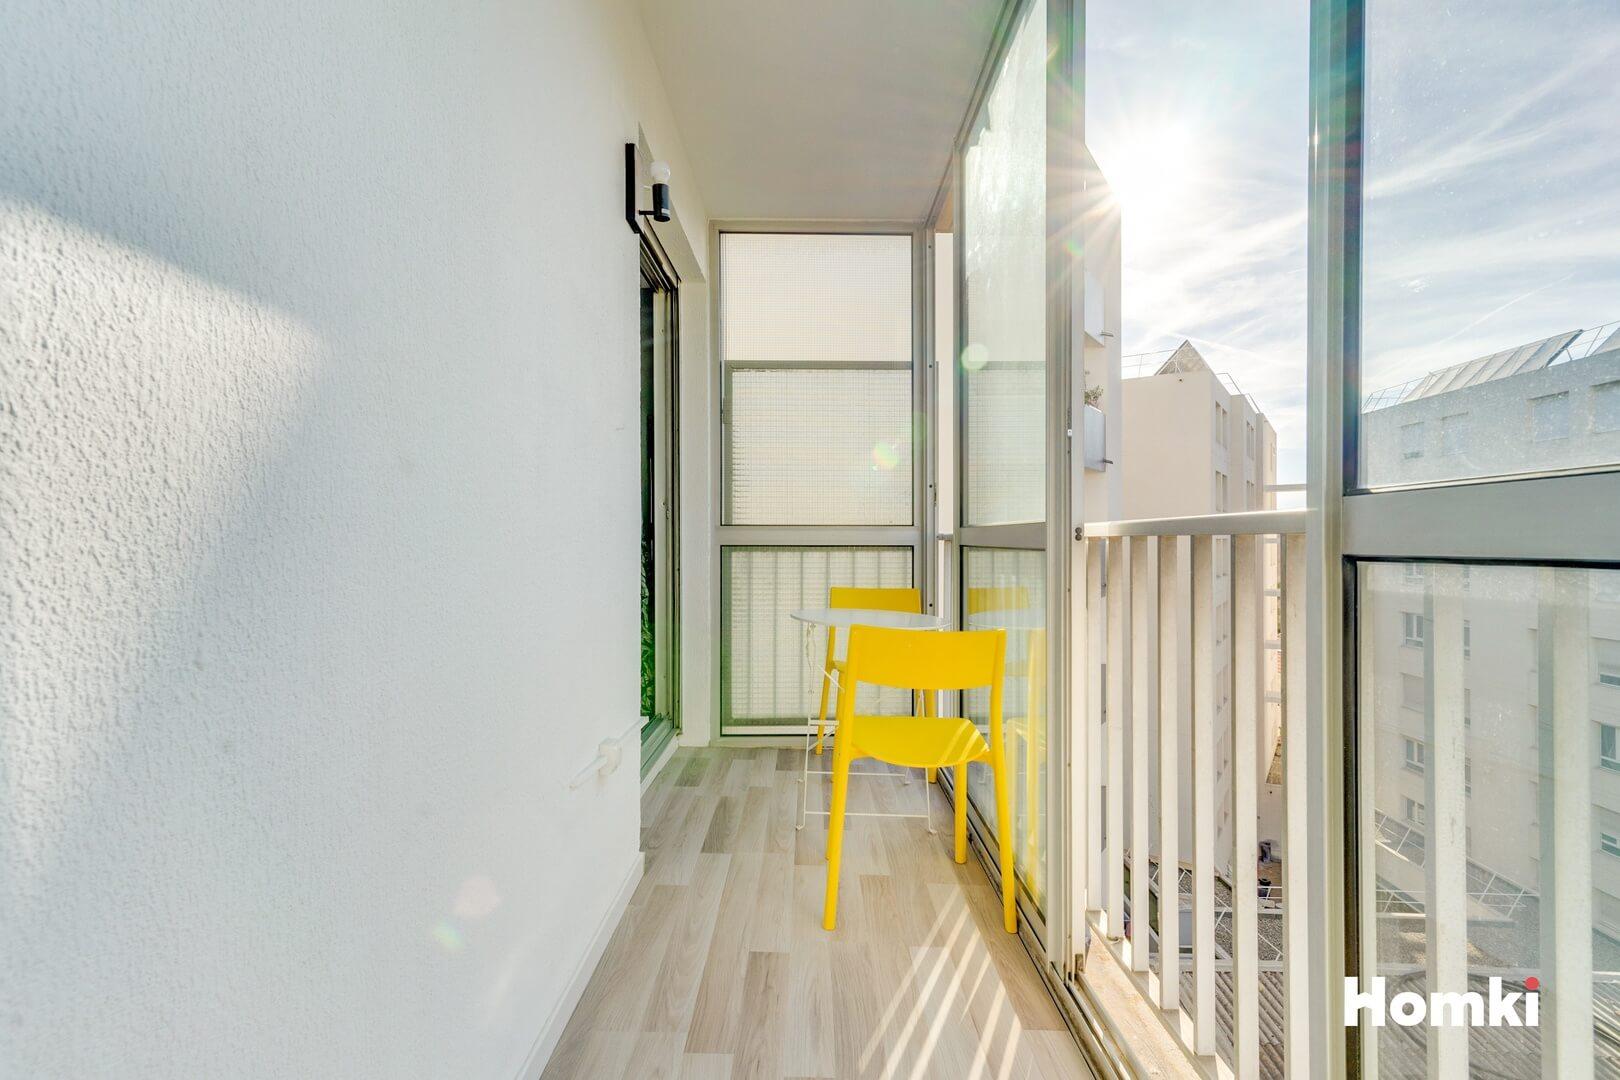 Homki - Vente Appartement  de 23.0 m² à Marseille 13005